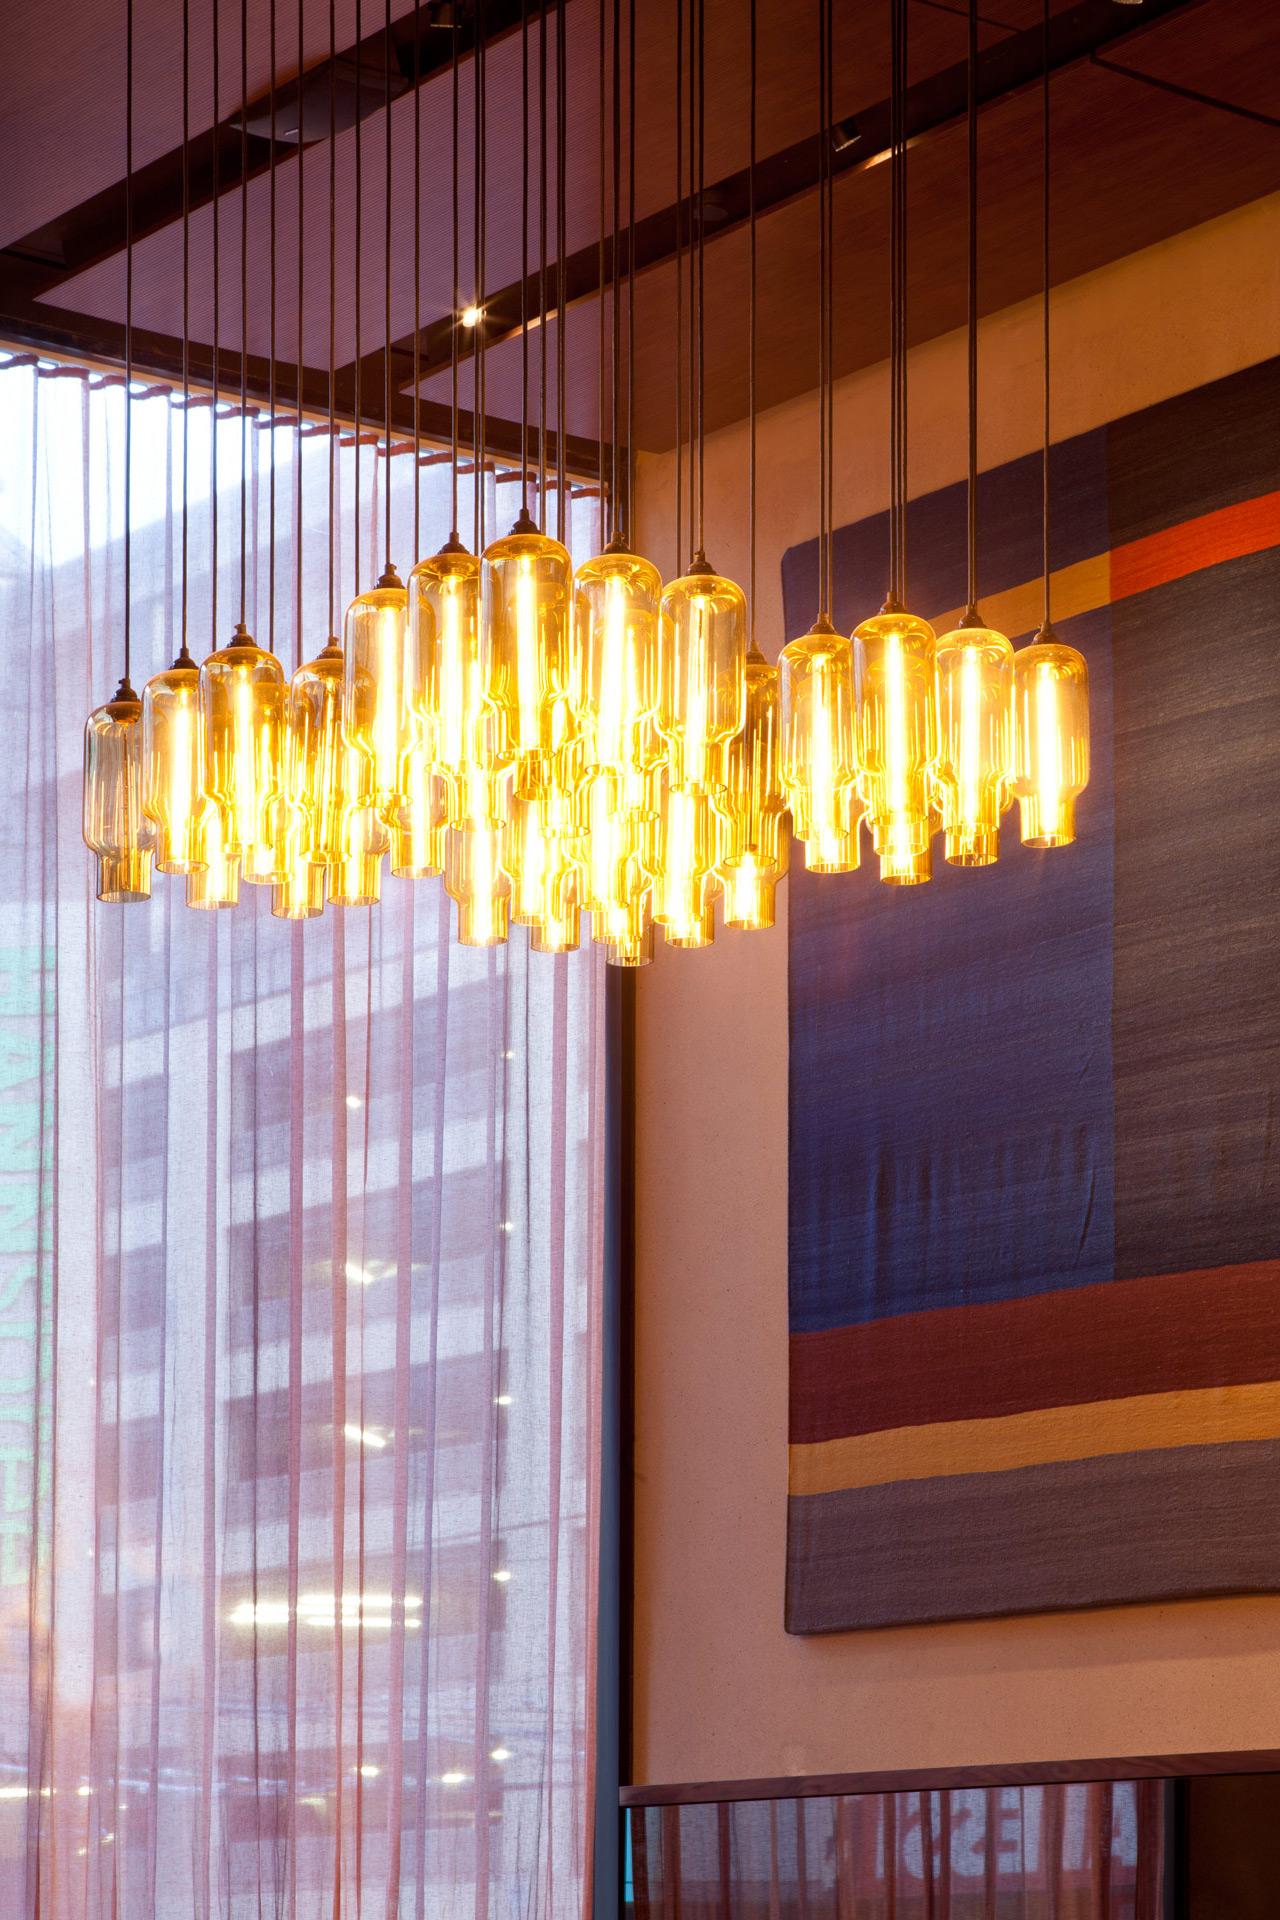 OneUp restaurant architecture